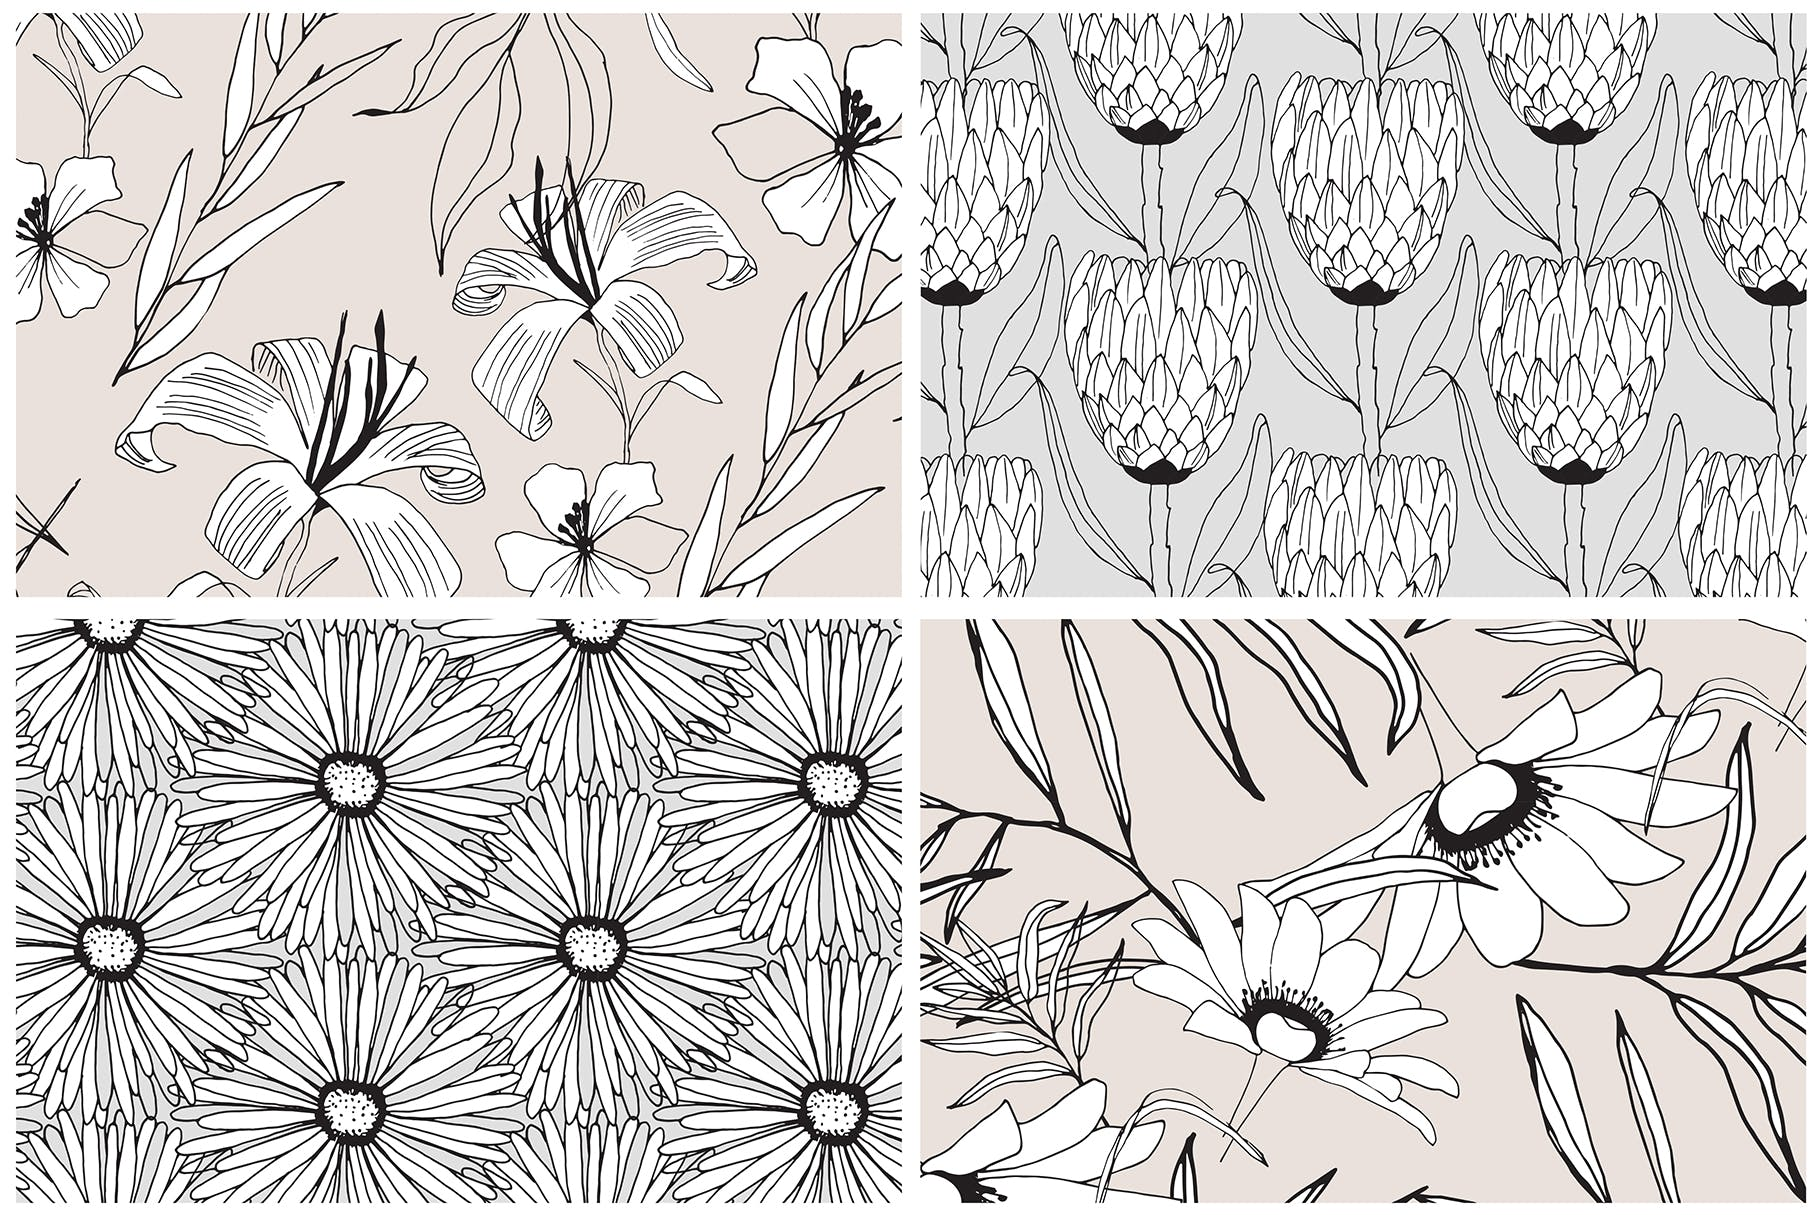 图形花卉图案装饰性元素图案花纹素材下载Graphic Flowers Patterns Elements插图(7)